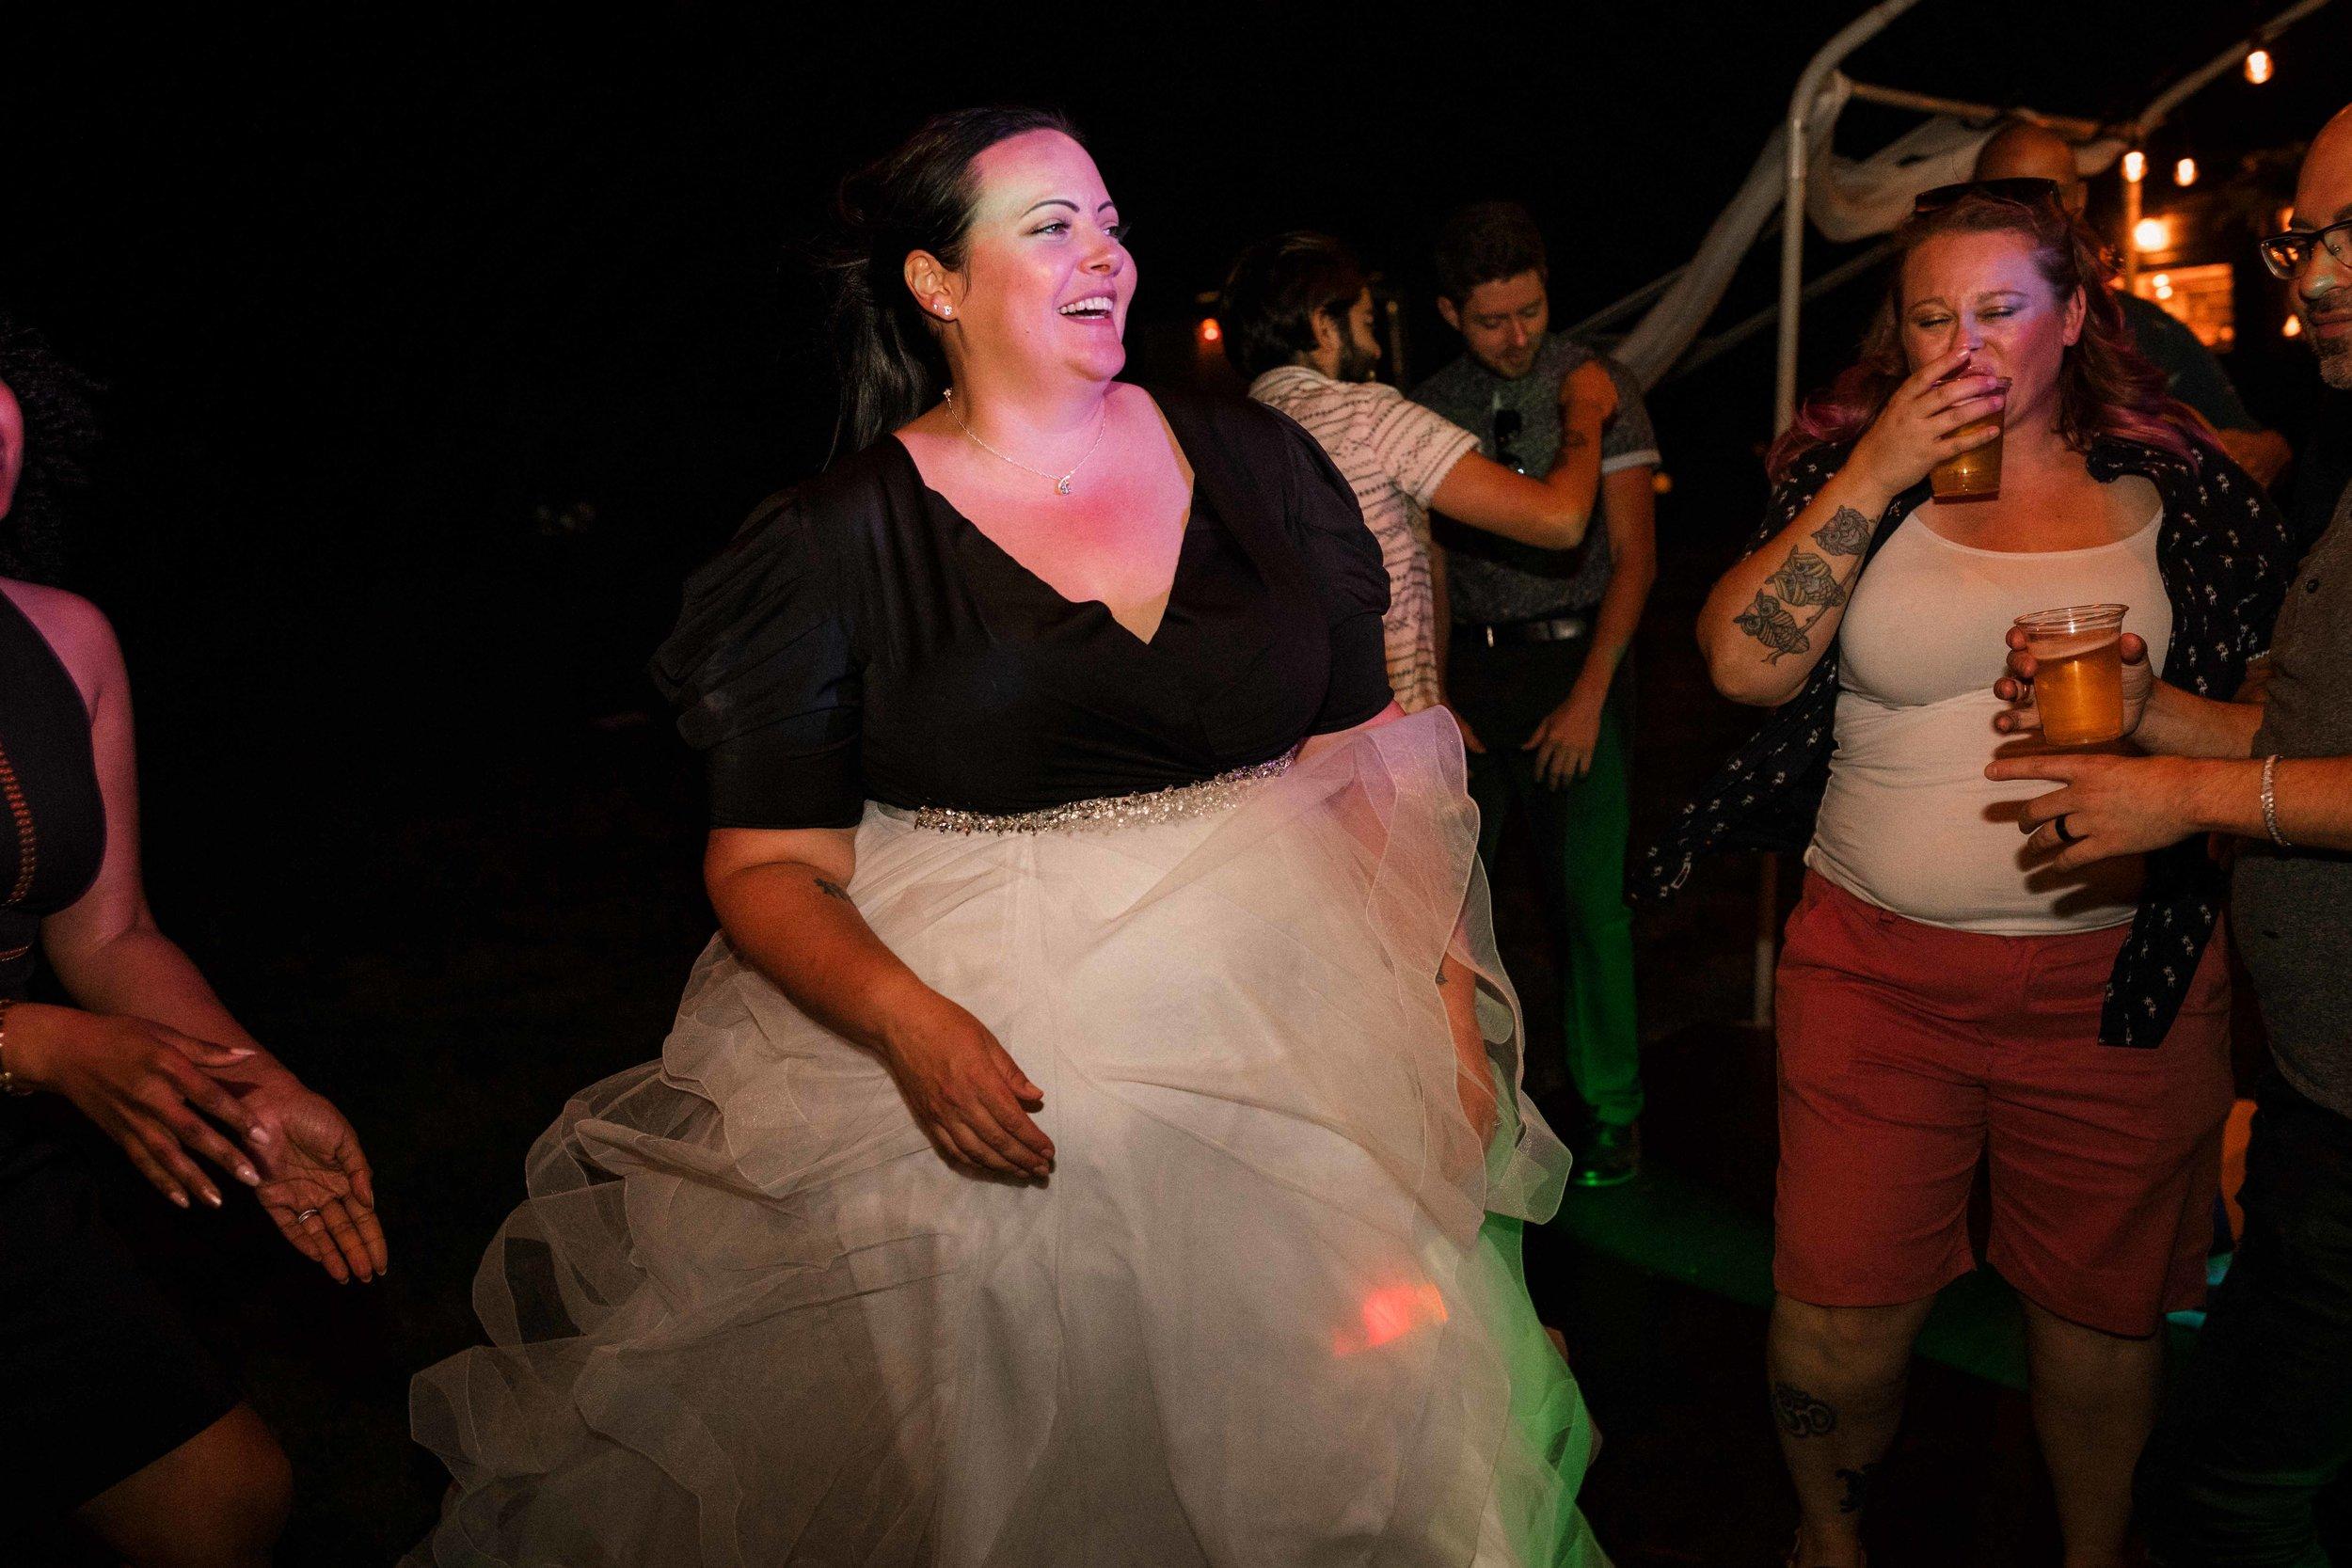 pasco-wedding-photos-74.jpg